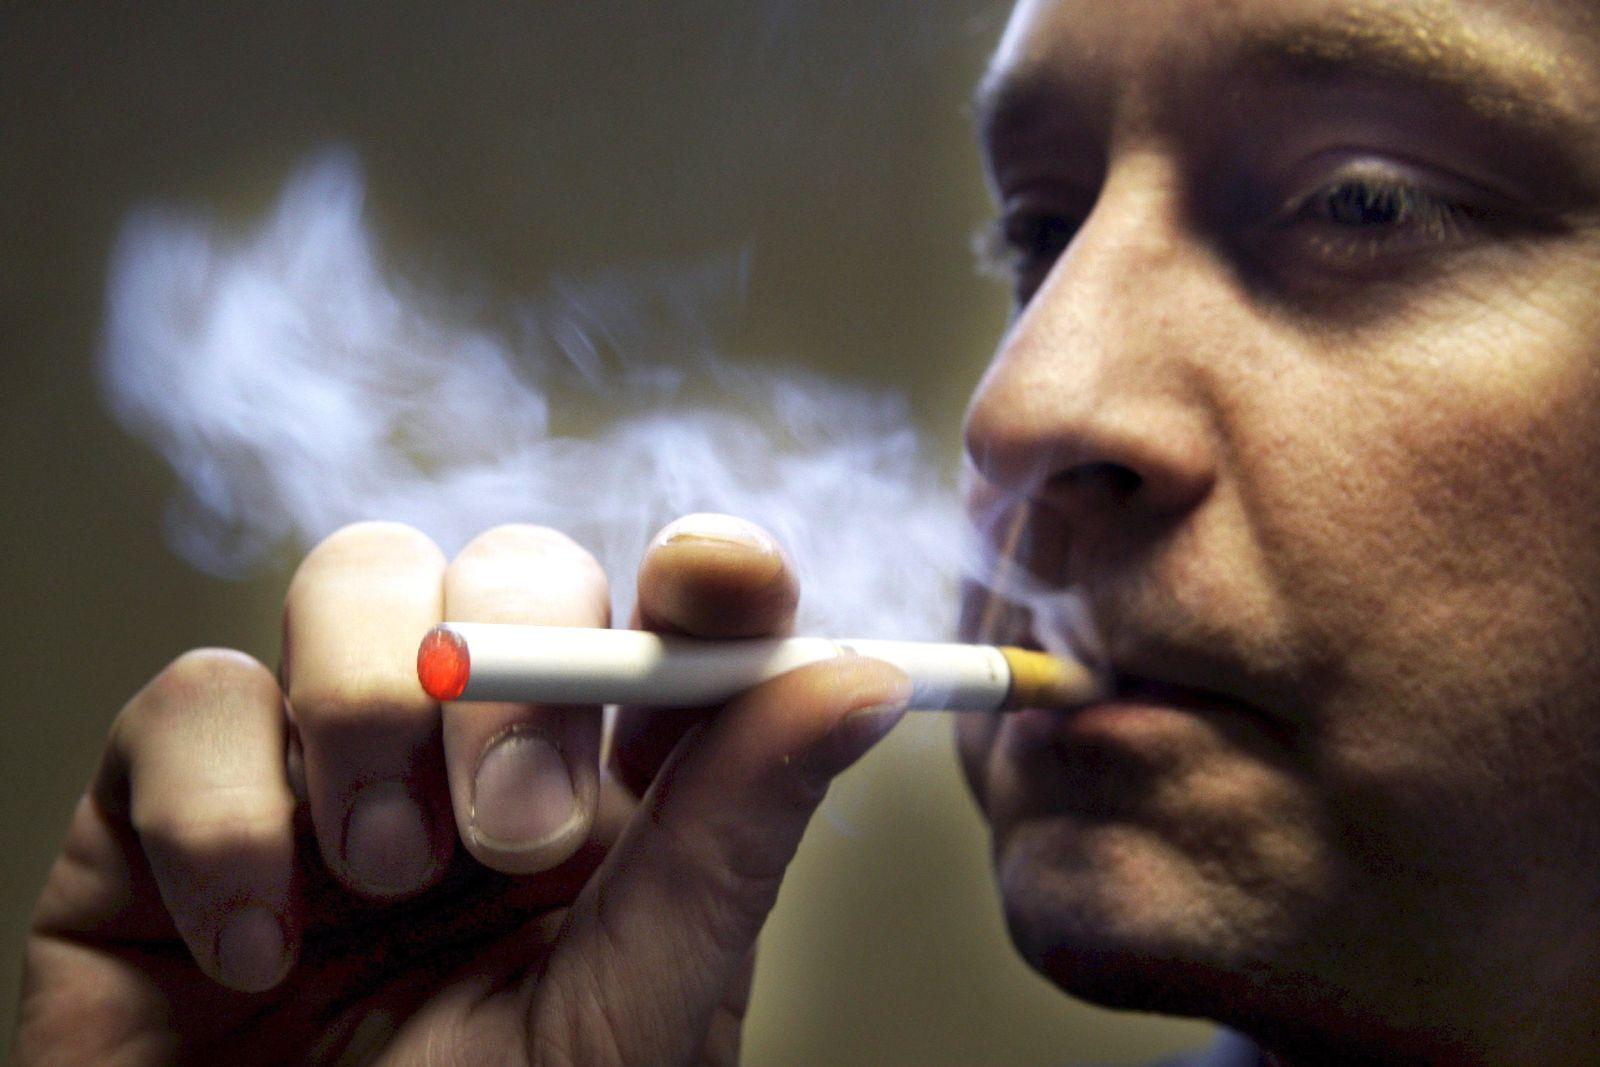 Elektronische Zigarette / Supersmoker